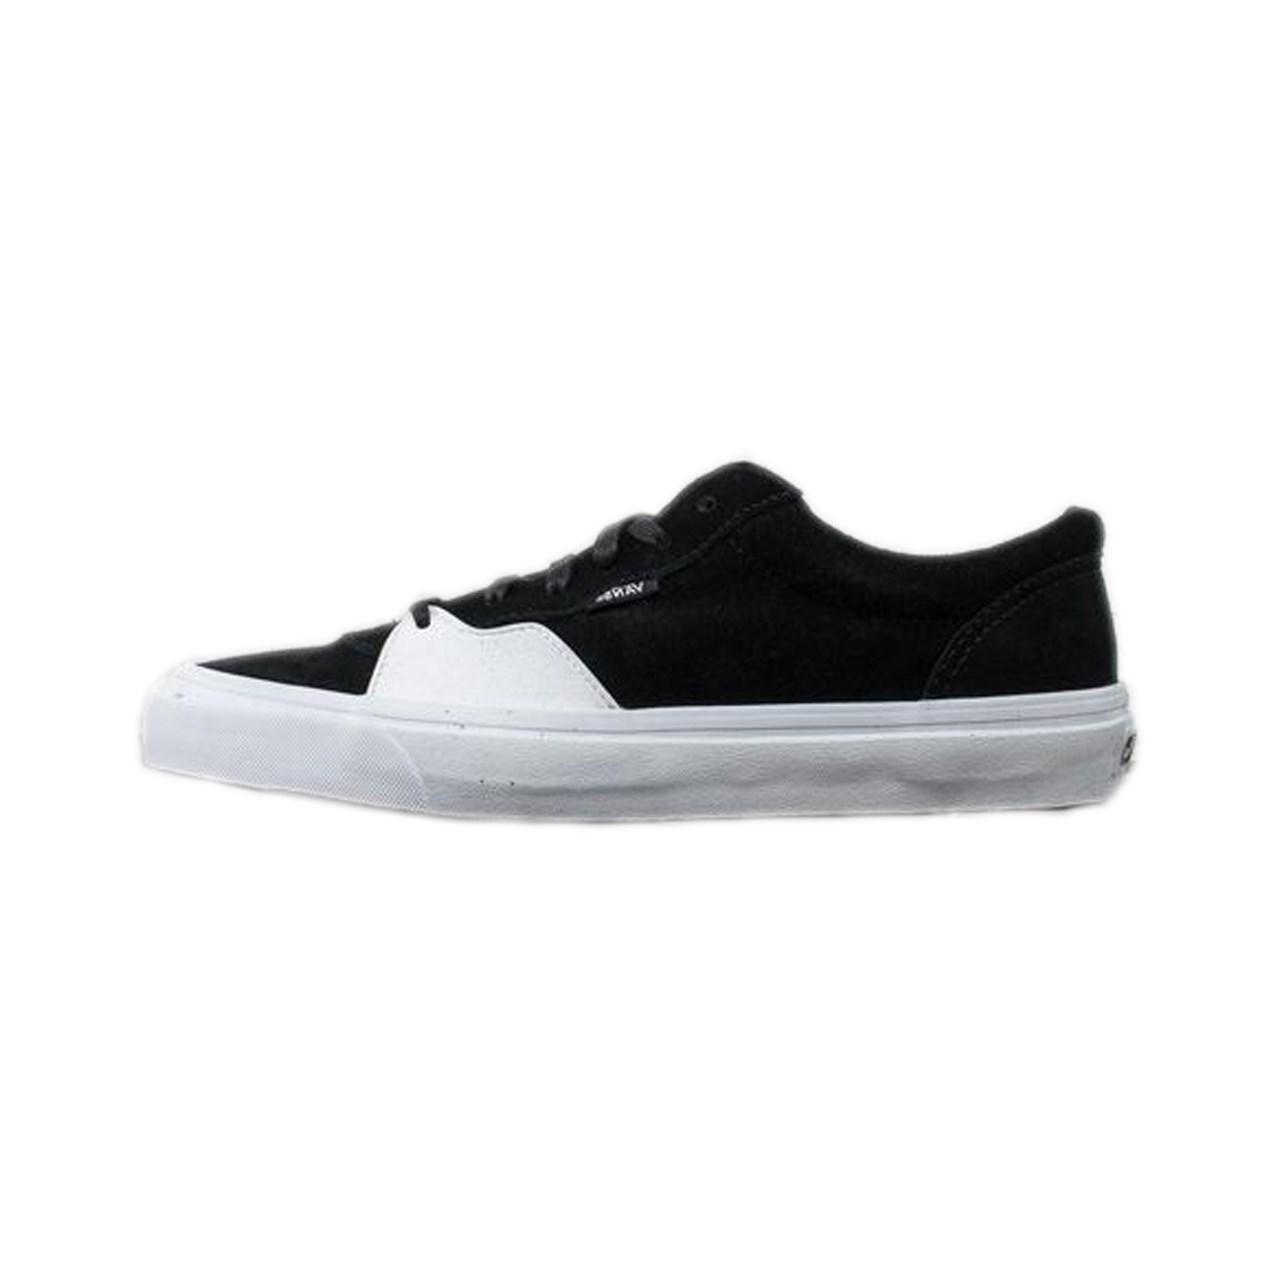 کفش مردانه ونس سری Style 205 مدل DPTQV1